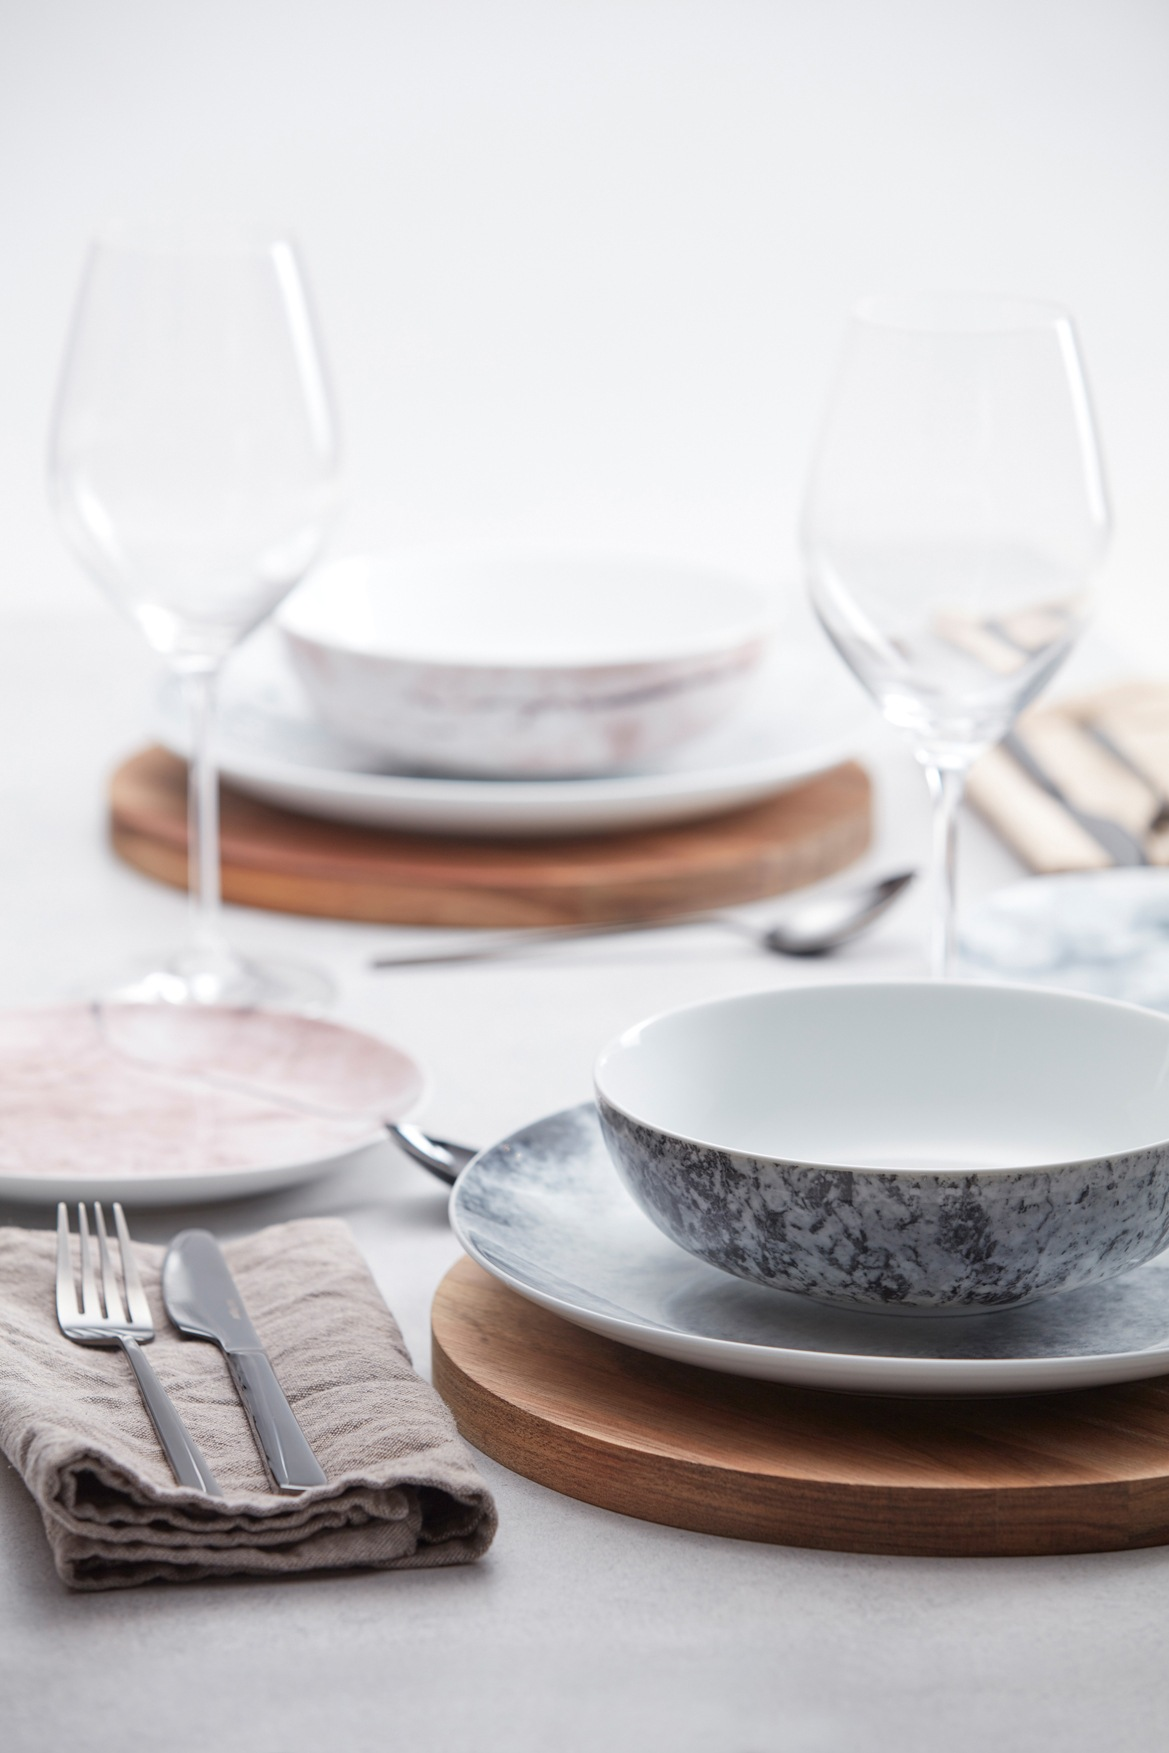 Salt Pepper Masonry Dinner Plate 27cm Myer Online & Astonishing Myer Dinner Plates Images - Best Image Engine - tagranks.com